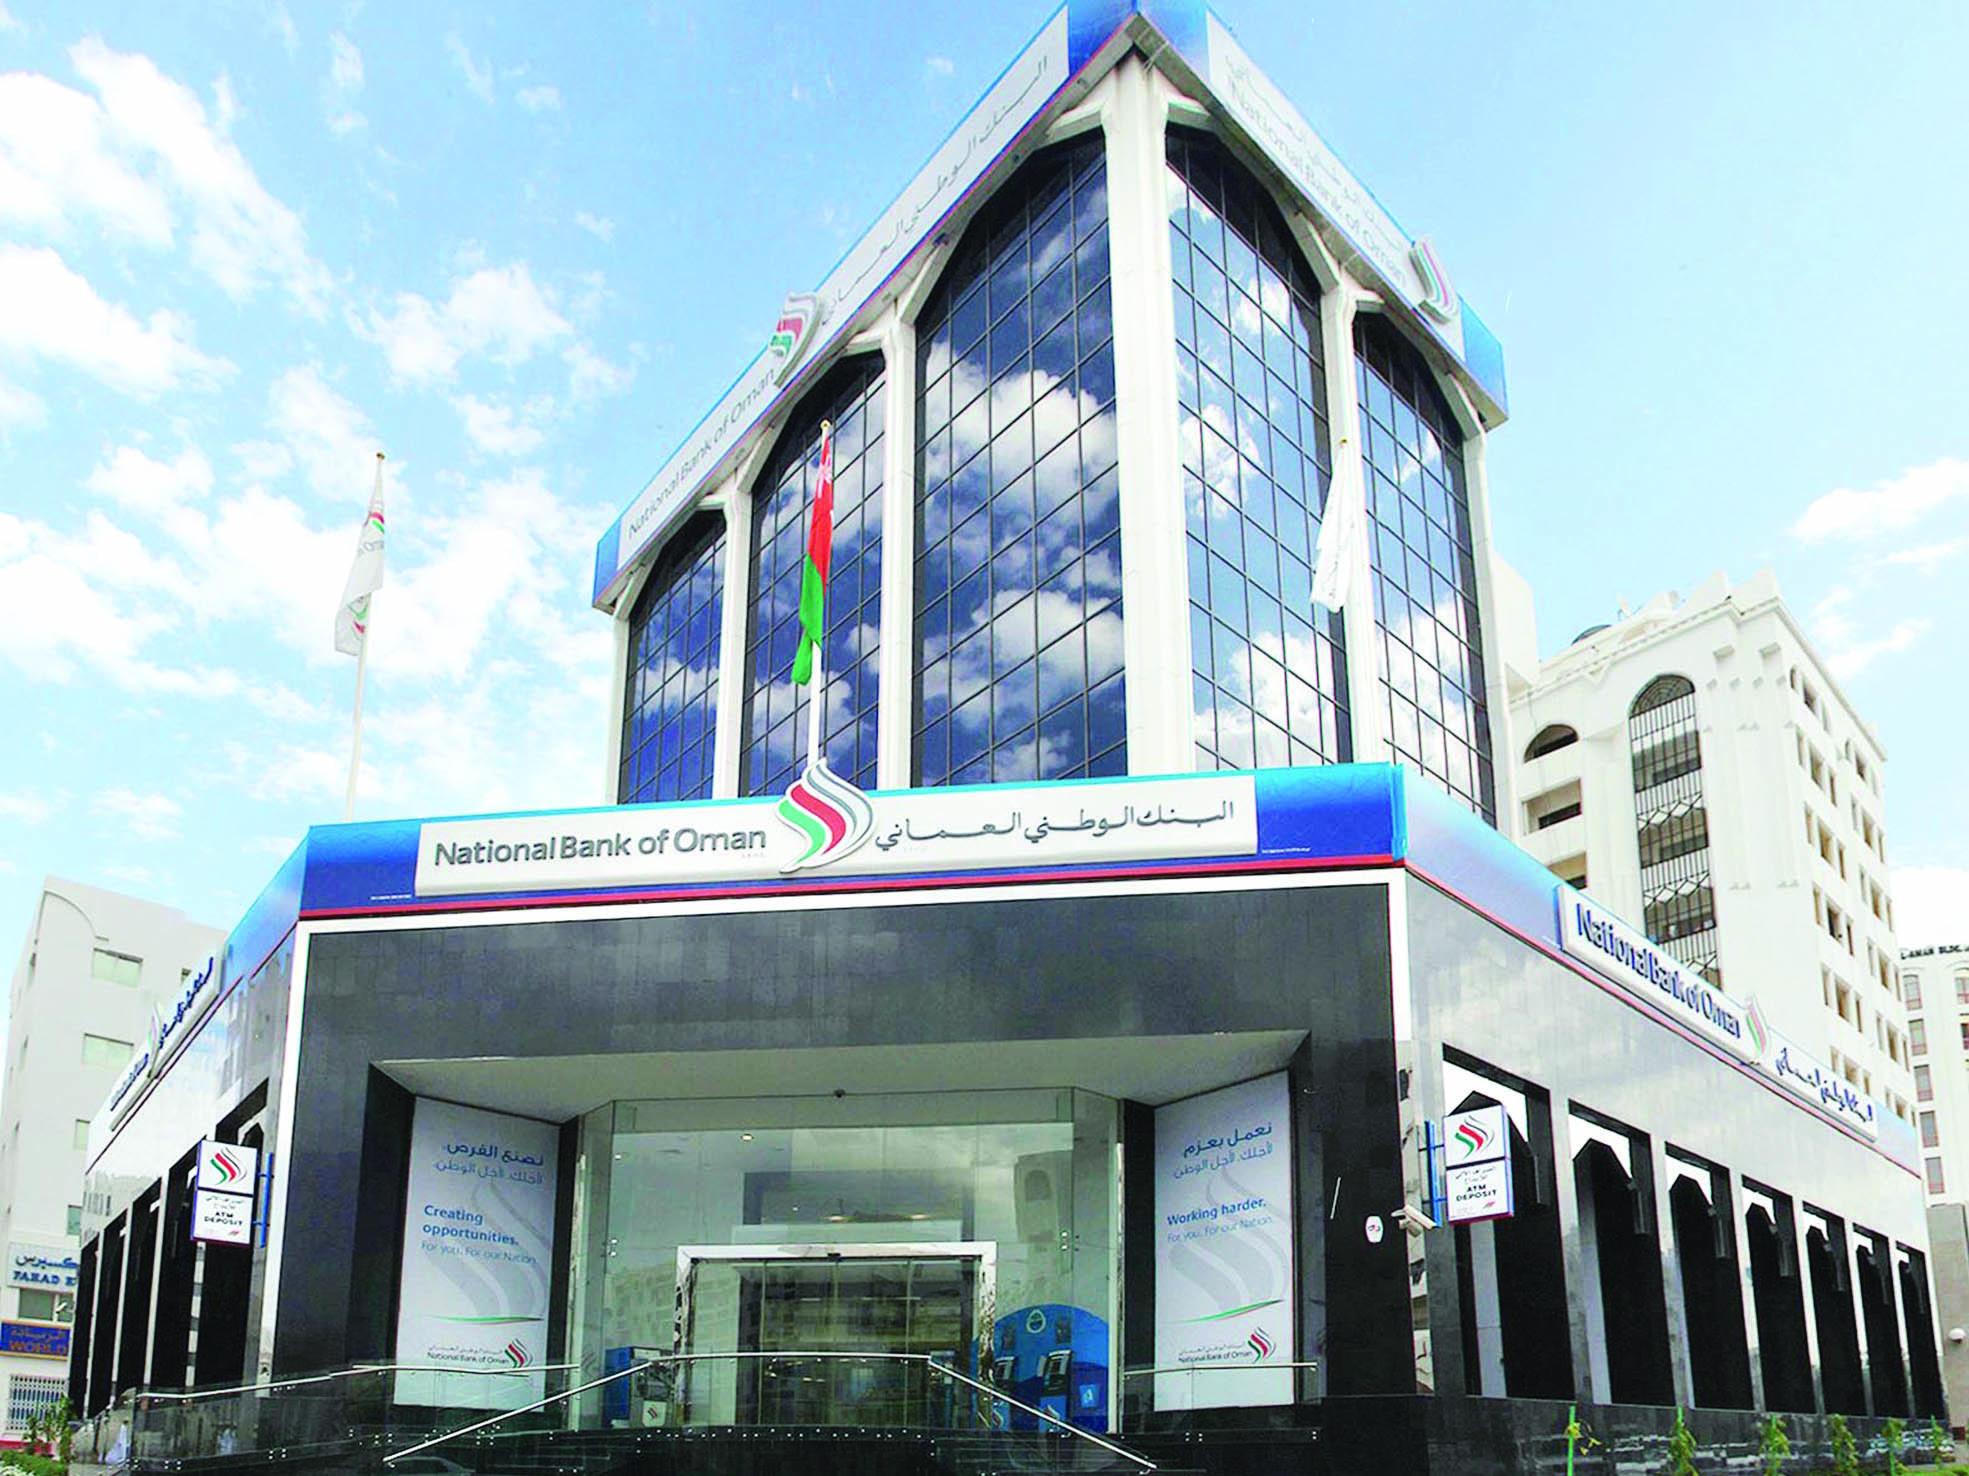 البنك الوطني العُماني.. يطلق تحدي المبتكرين